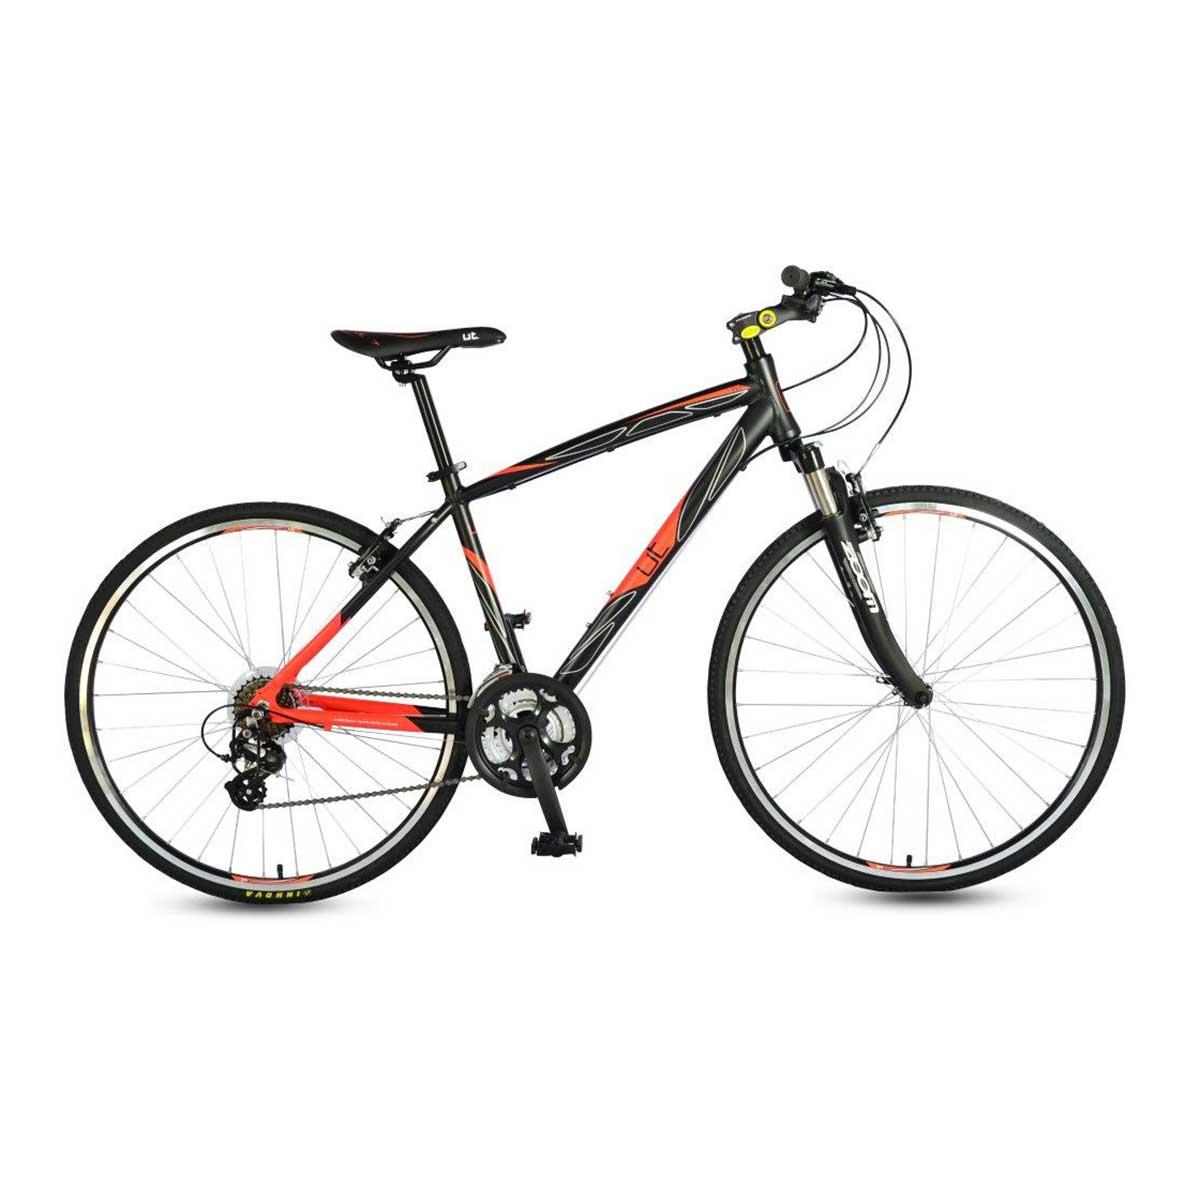 Buy Ut H2 Cross Hybrid Bike Online India Ut Bikes